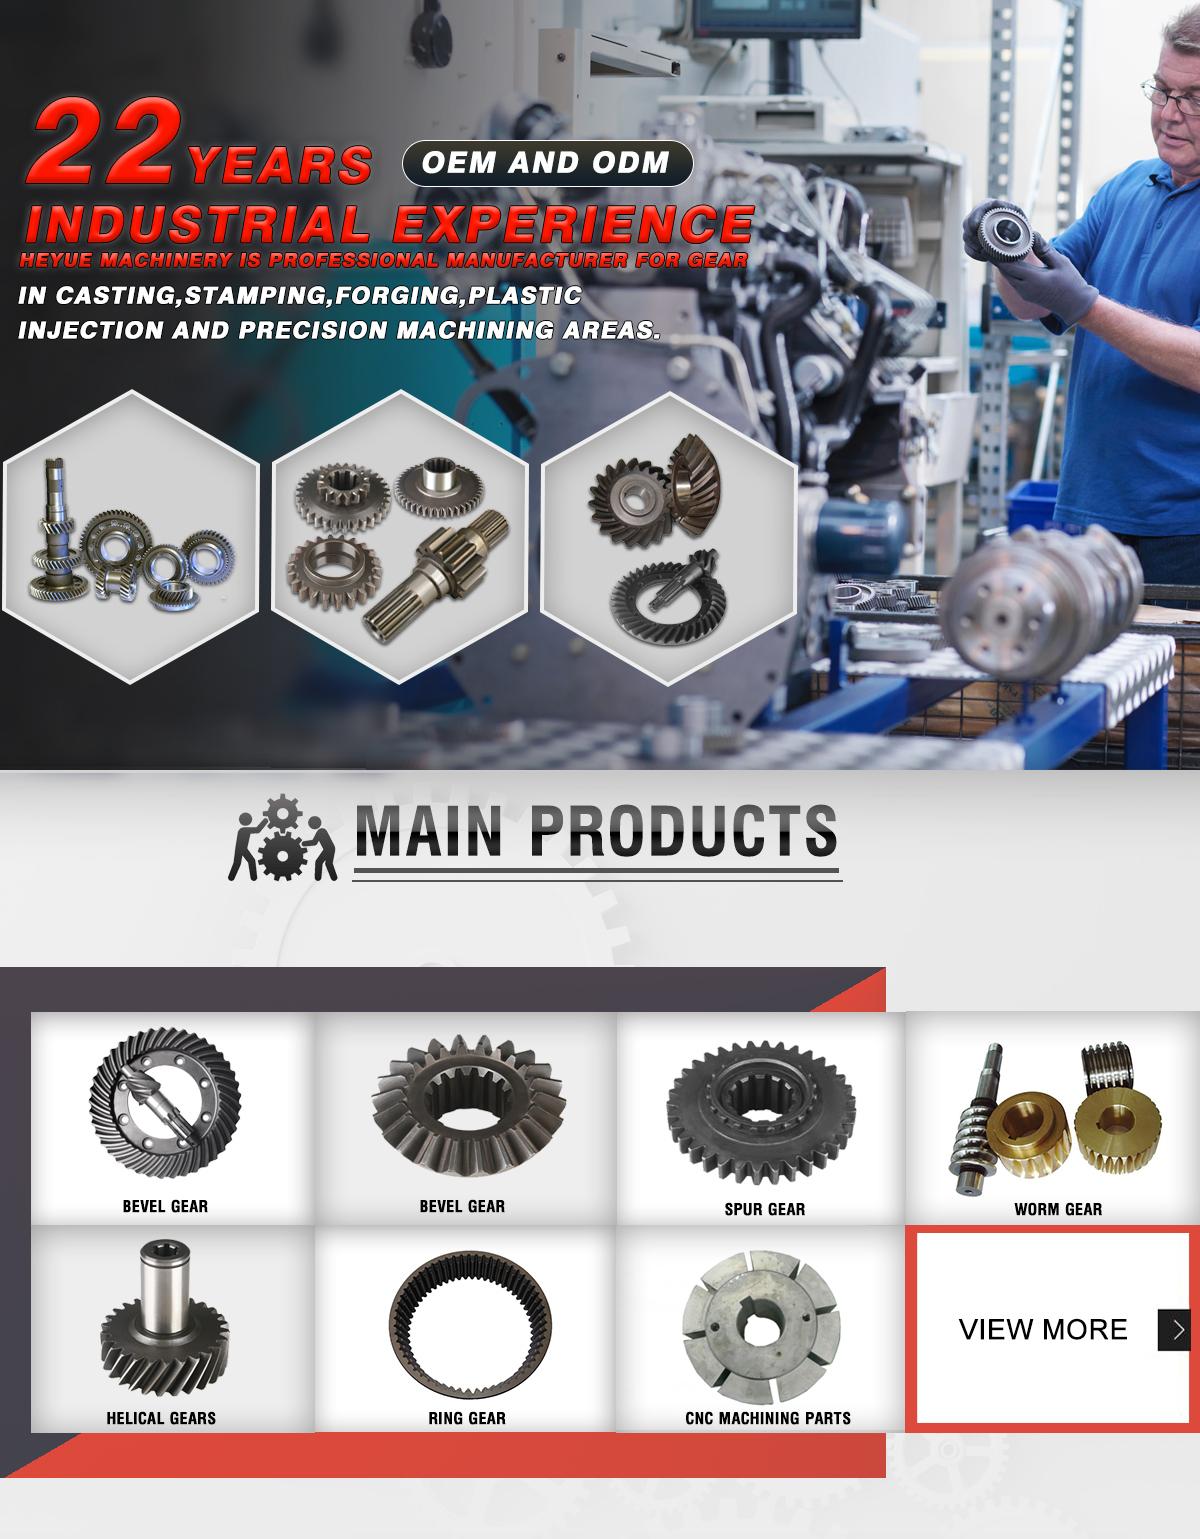 Wenling Heyue Machinery Co Ltd Bevel Gear Spur Gear